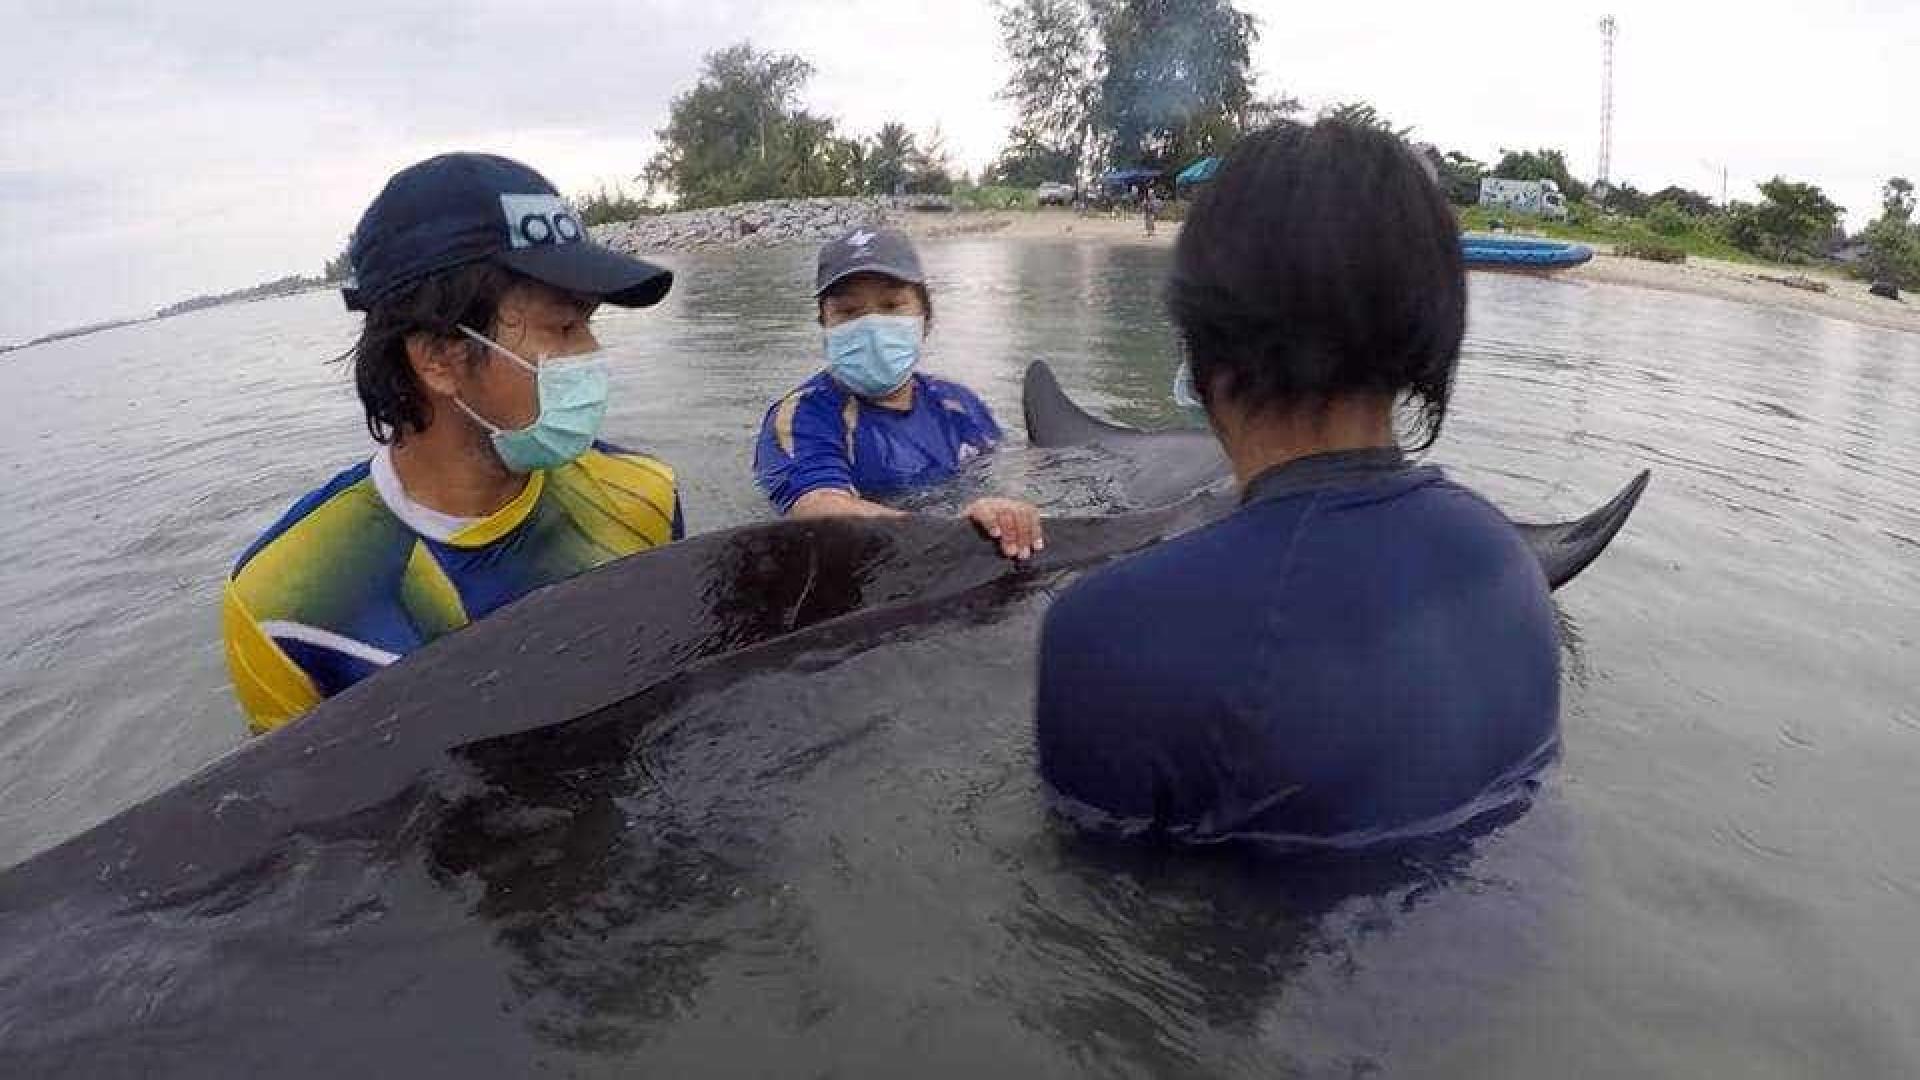 Baleia morre após ingerir 10 quilos de sacolas plásticas